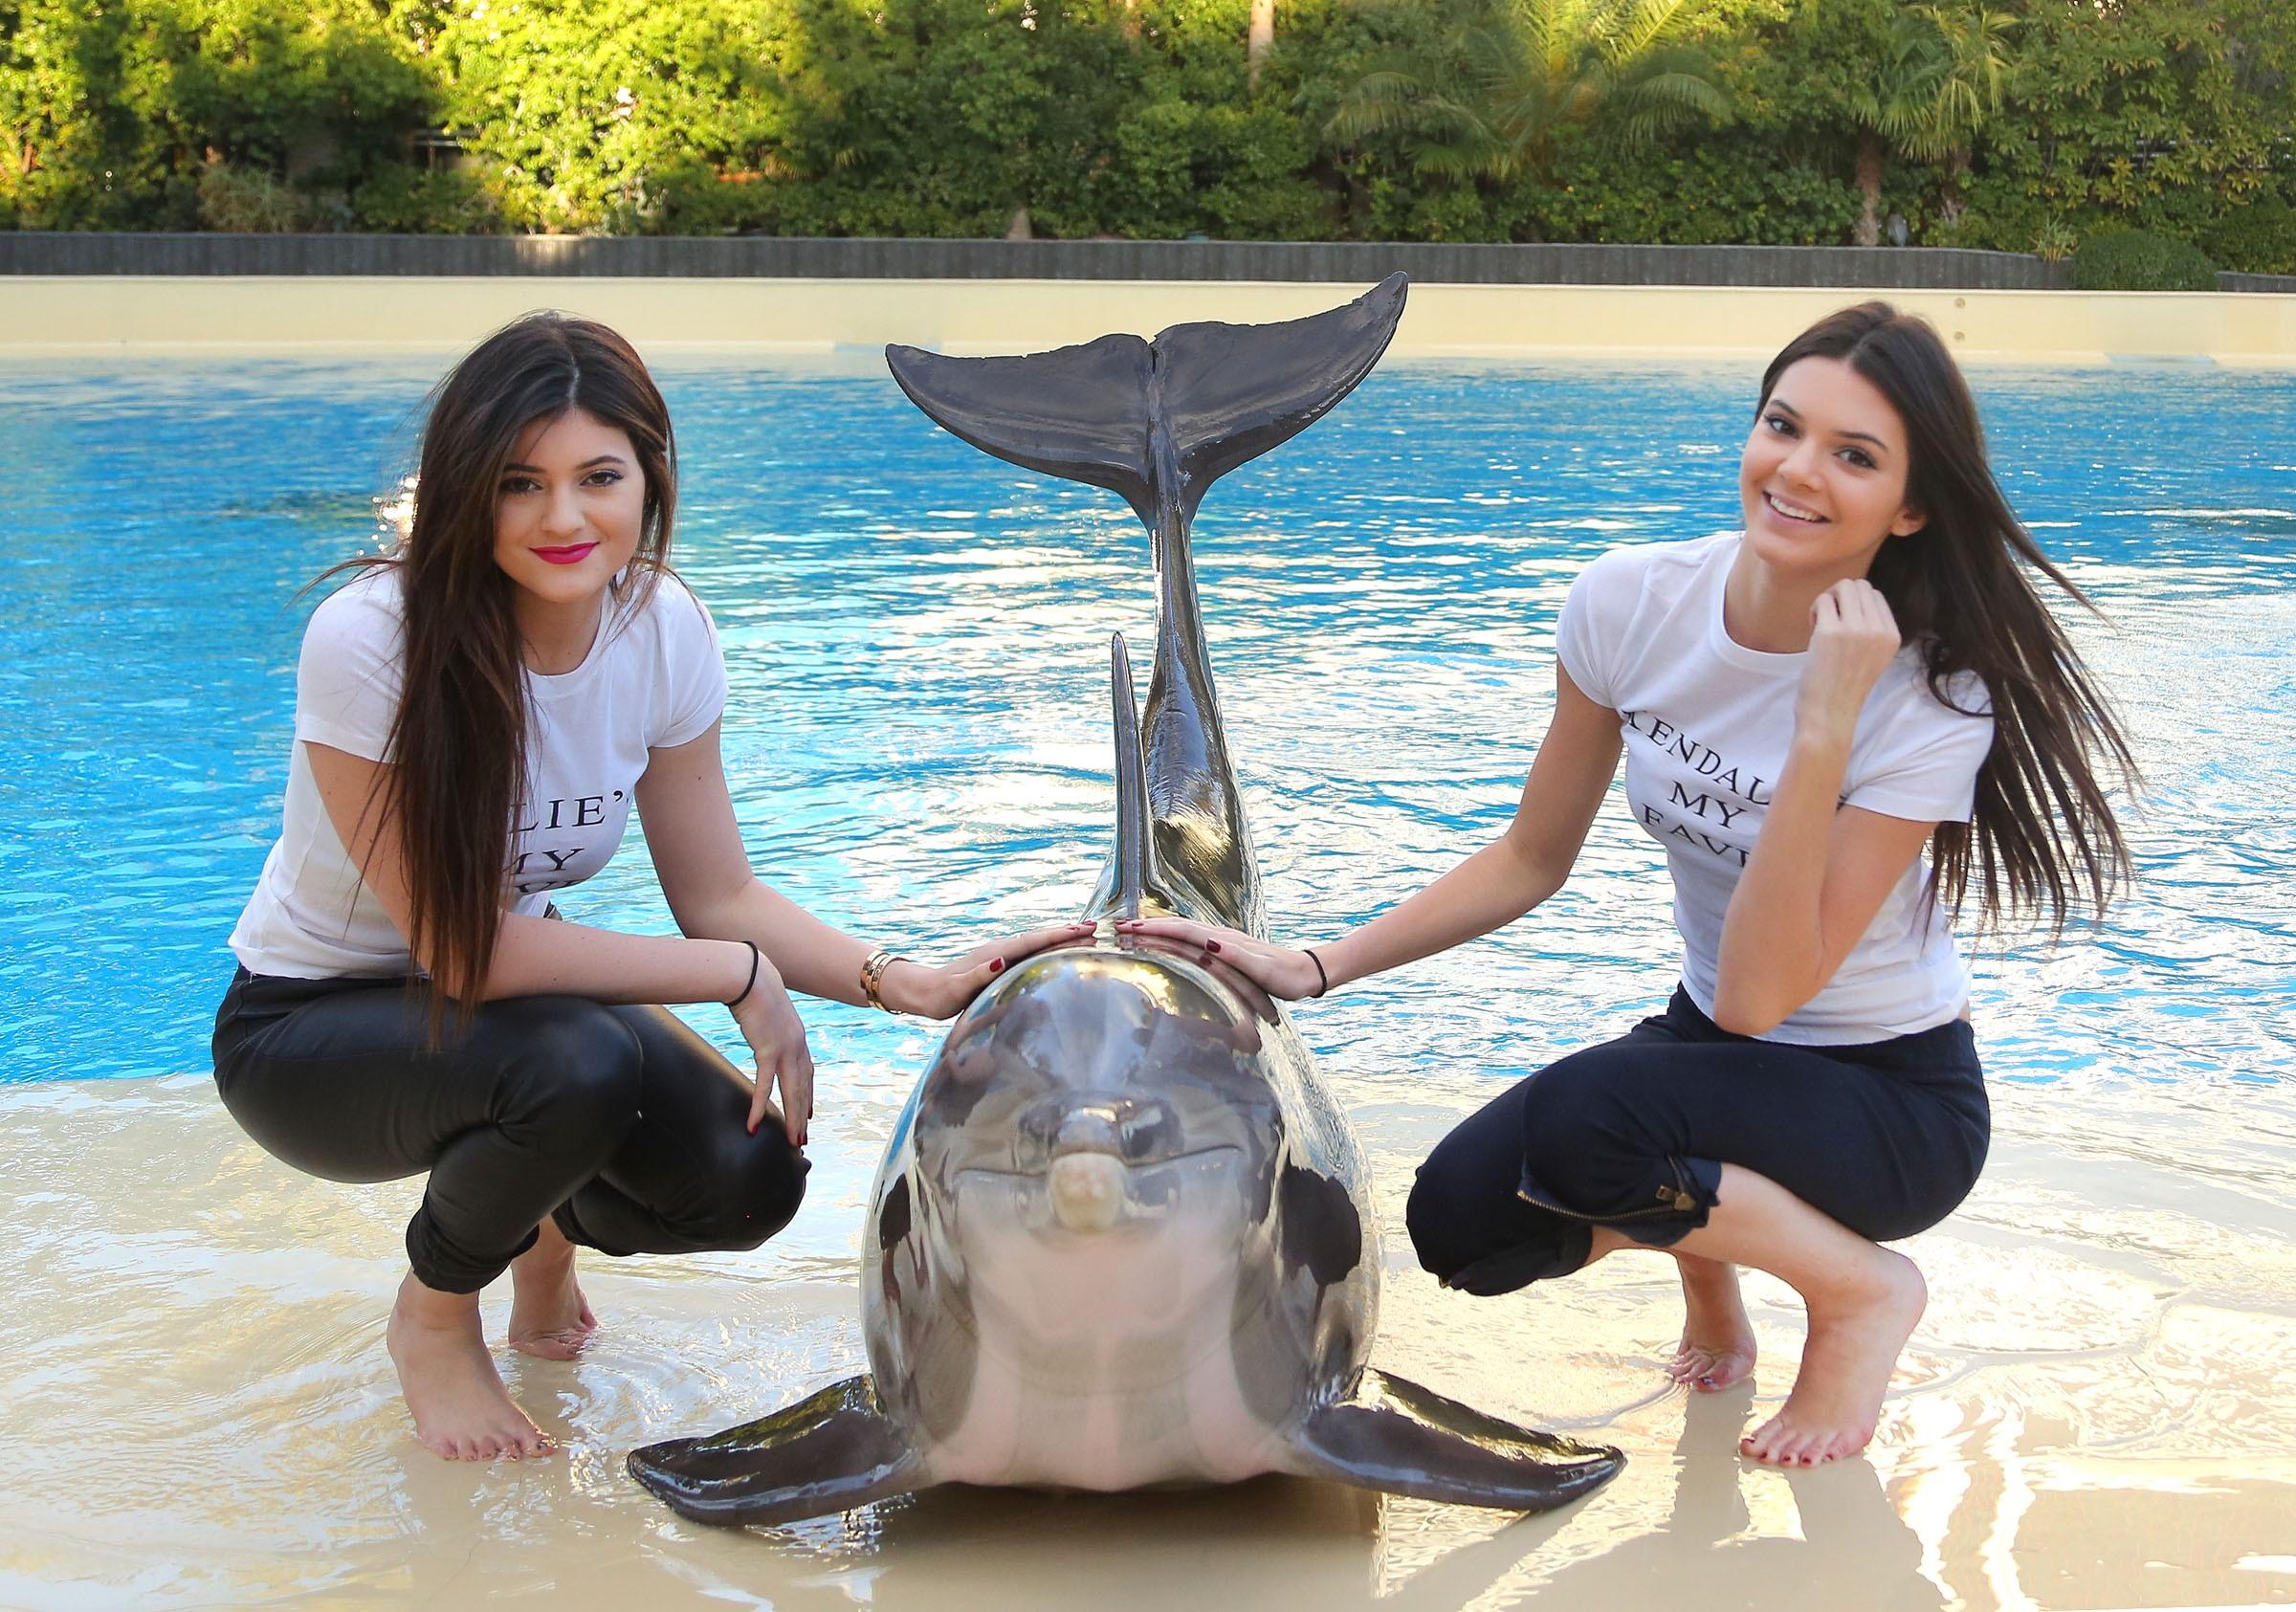 Chicas y un delfín - 2400x1685